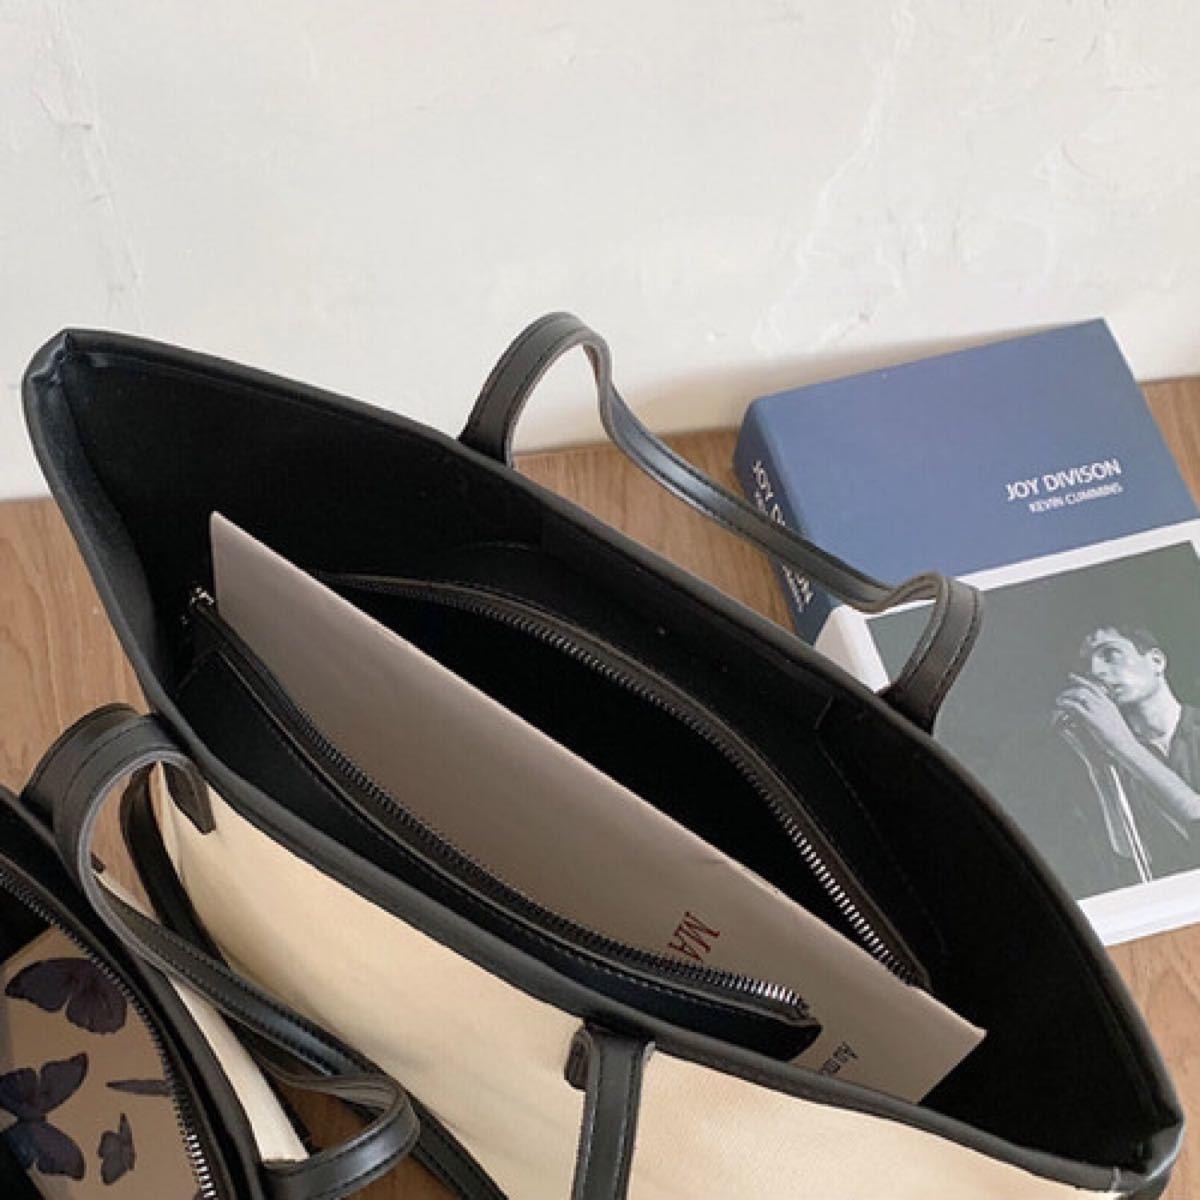 トートバッグ レディース 【白×黒】 ショルダーバッグ キャンバス 帆布 ハンドバック 肩がけ 大容量 A4ノートパソコン 収納可